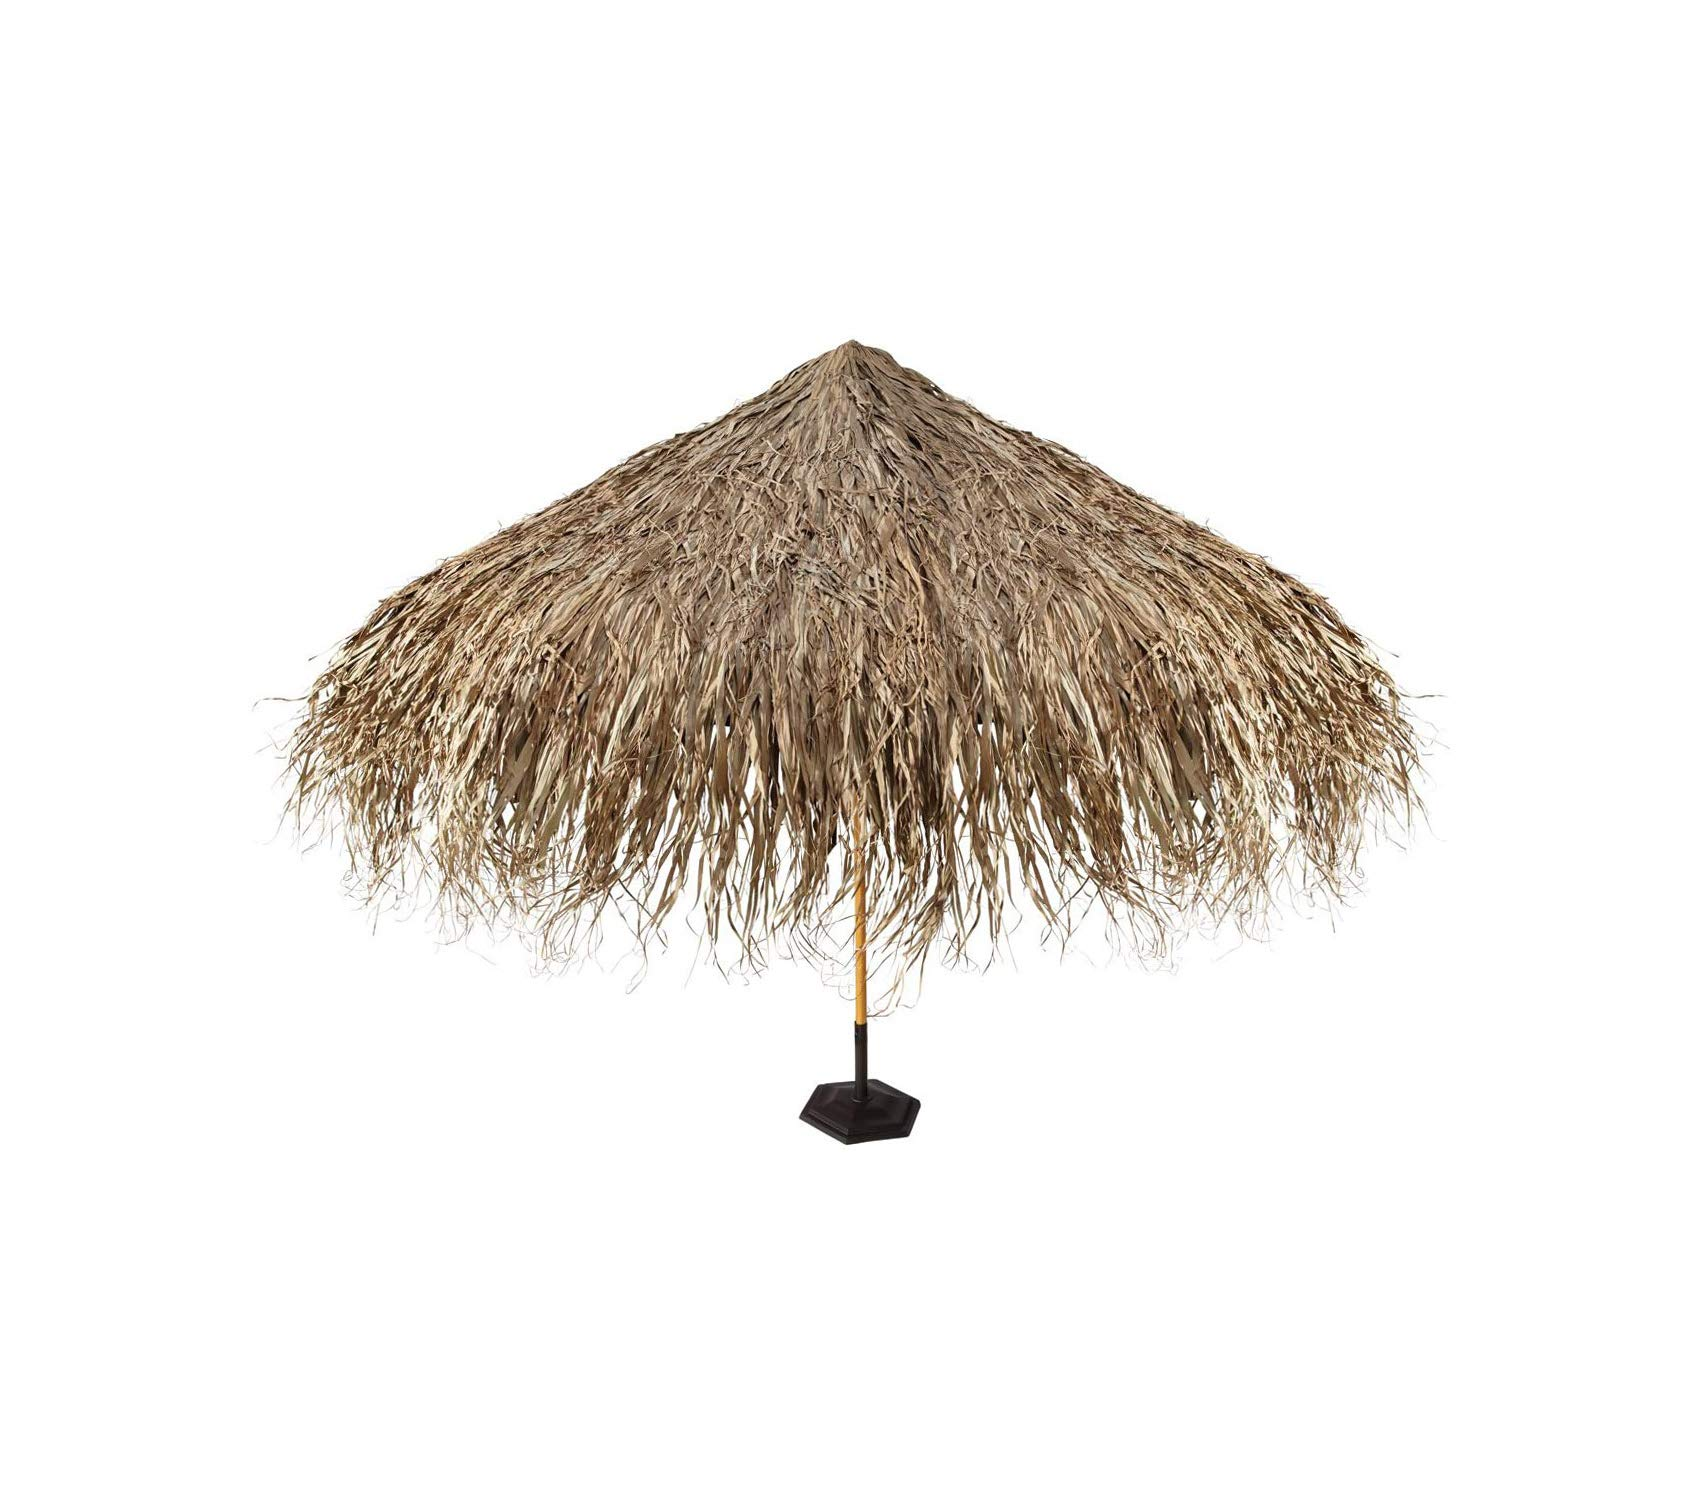 Dеsign Tоscаnо Patio Outdoor Garden Premium Tropical Thatch Umbrella Cover